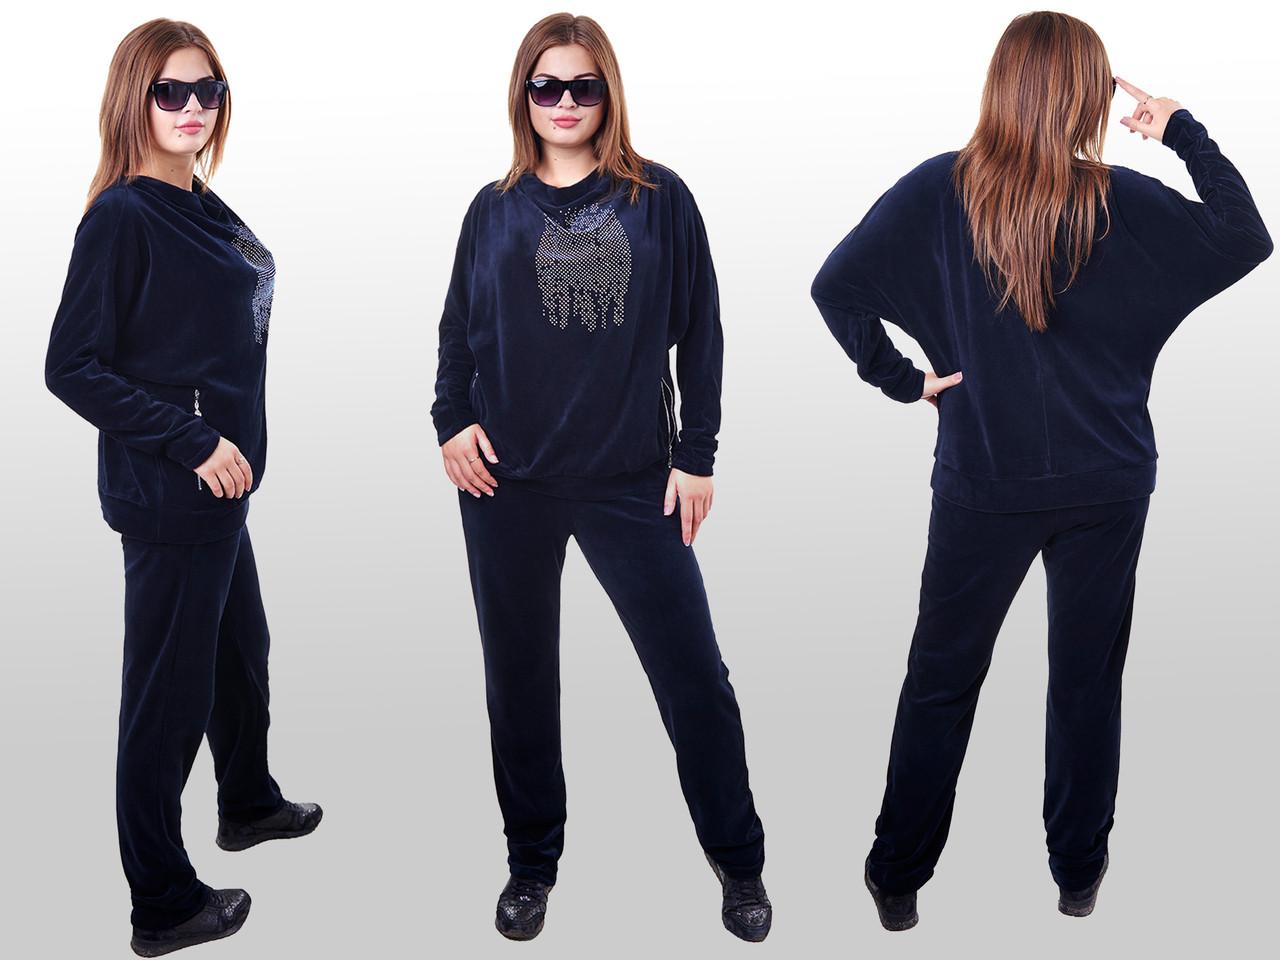 cccb0550 Женский велюровый костюм со стразами: продажа, цена с доставкой по ...